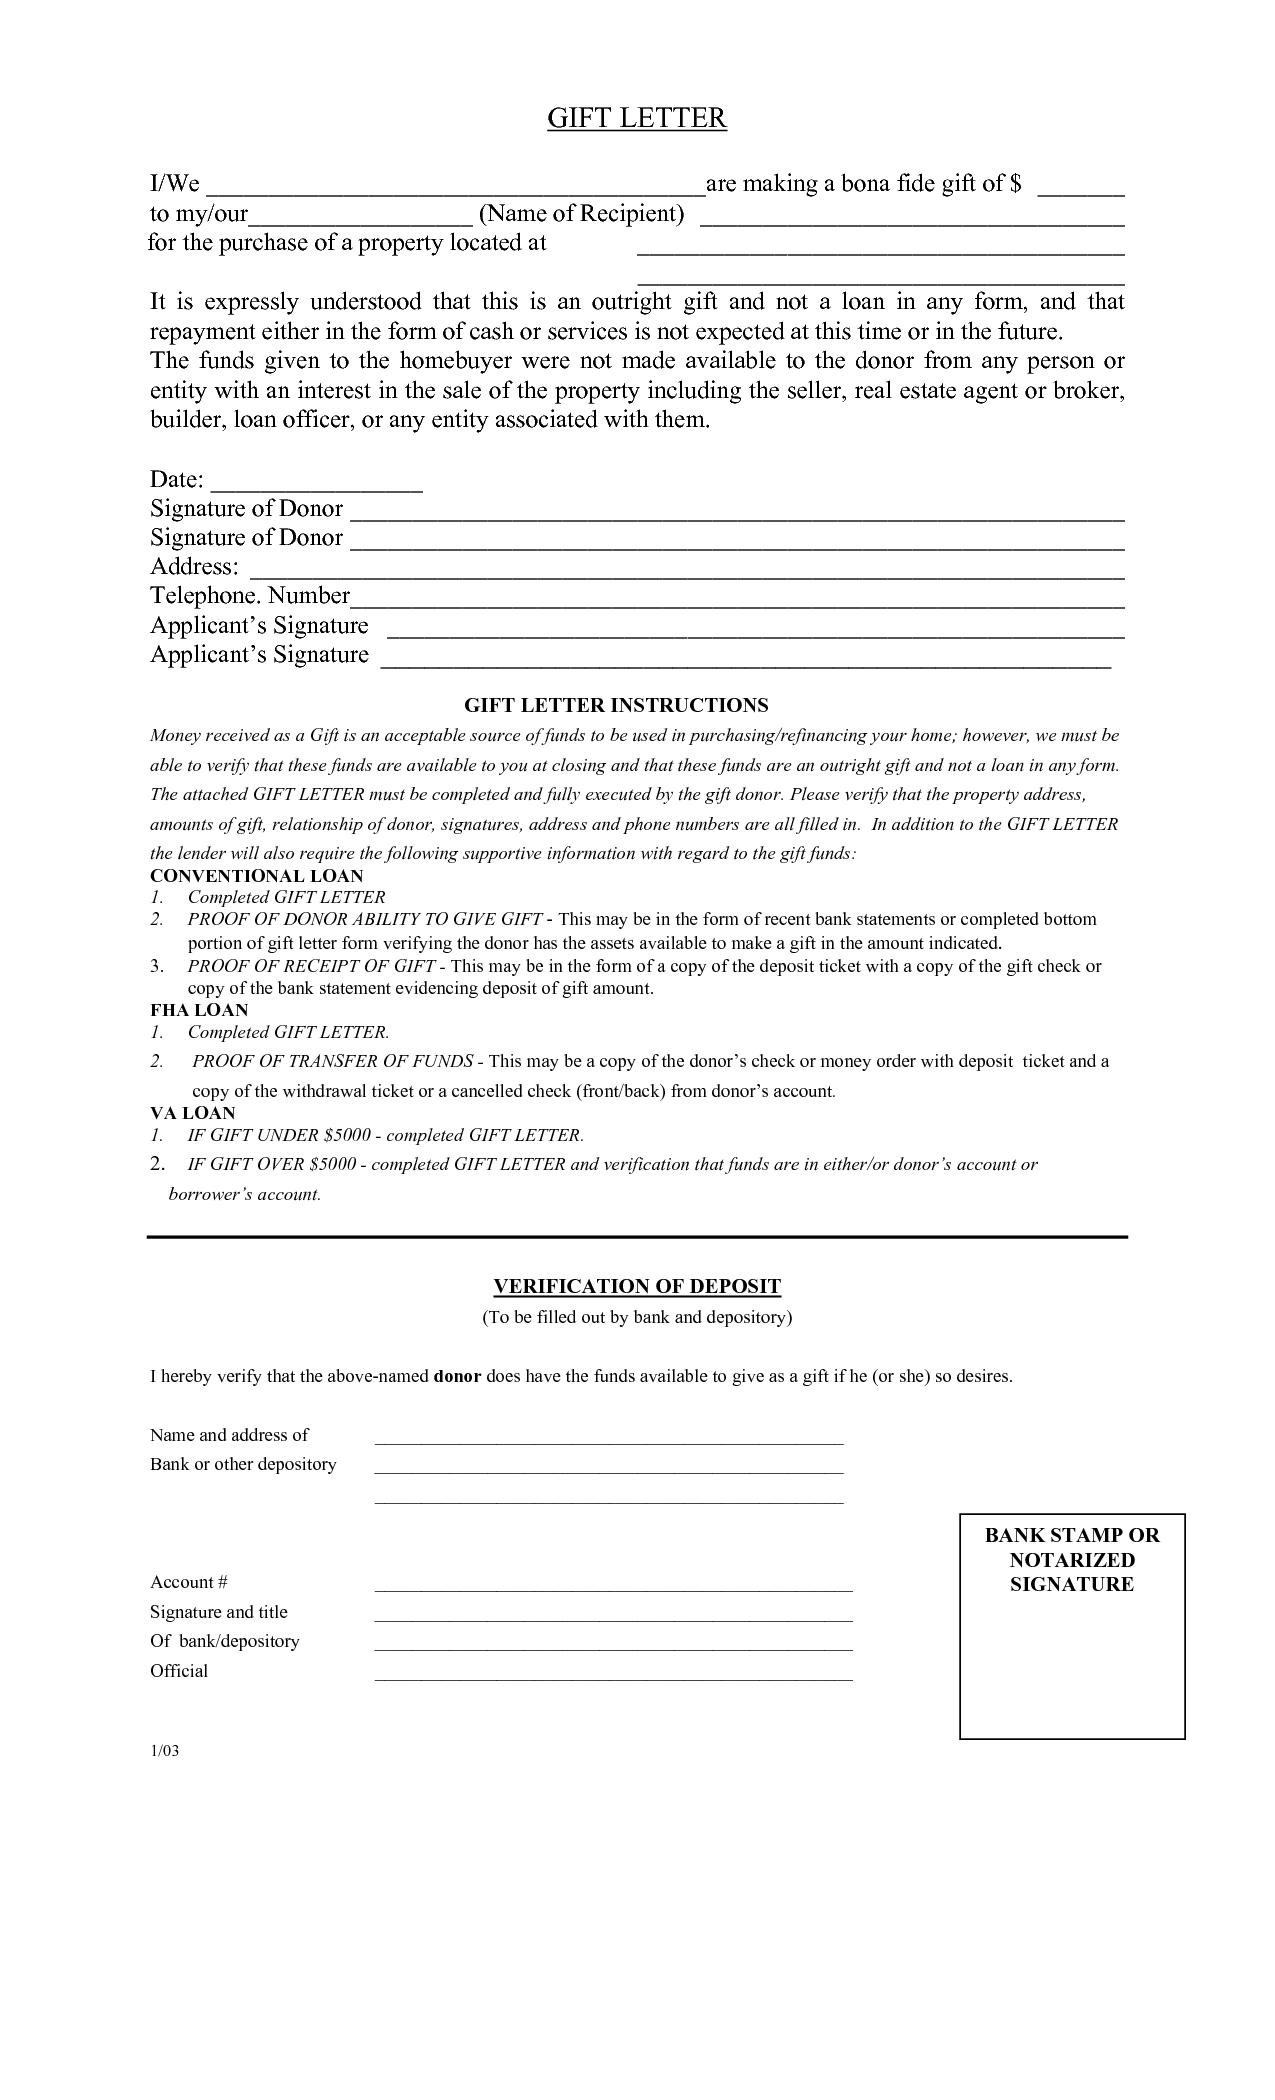 Fha Gift Letter Template - T Letter solarfm